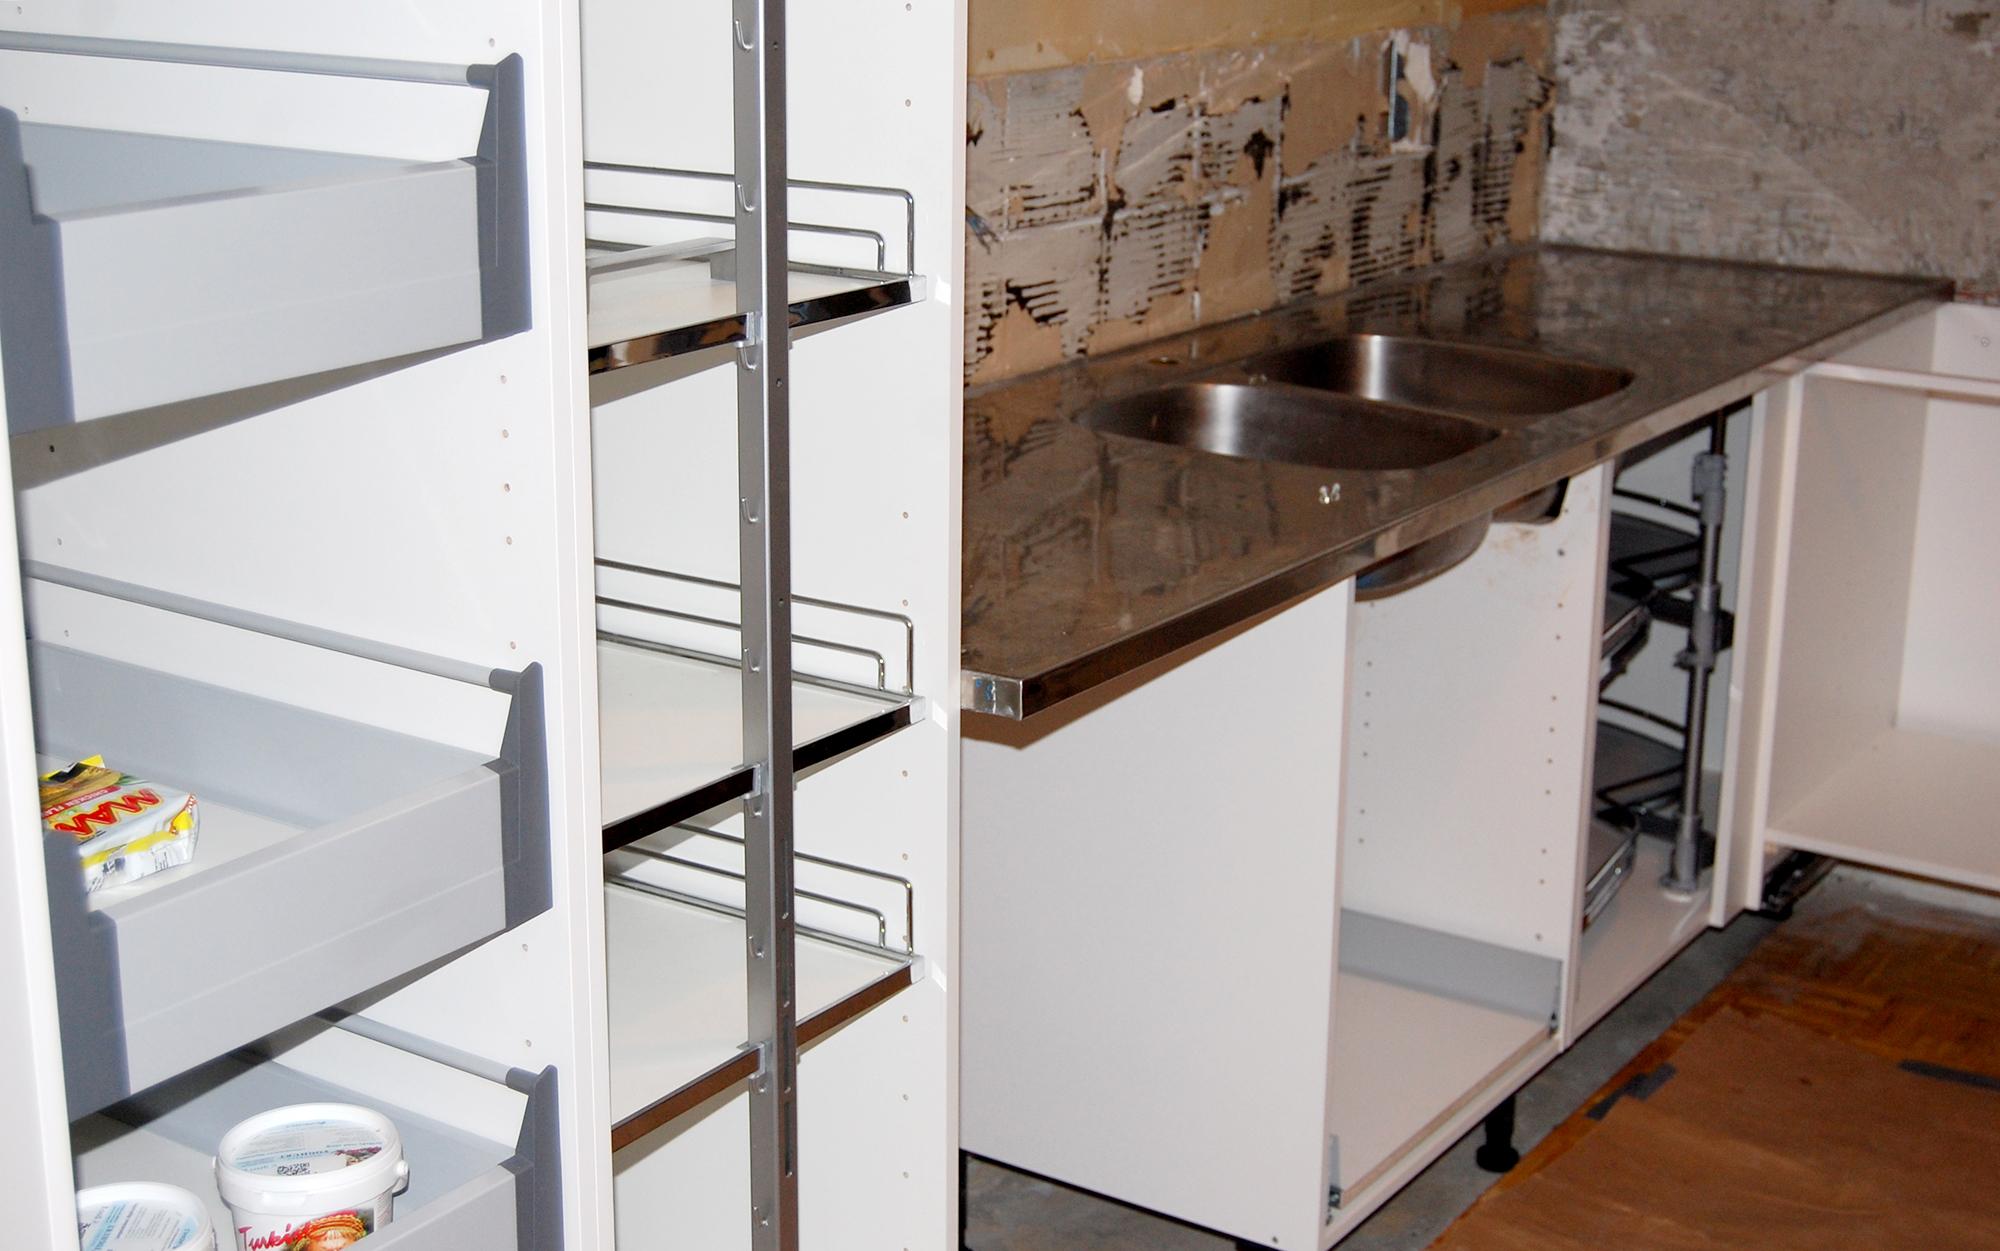 keittiön kalusterungot ja -mekanismit paikoillaan